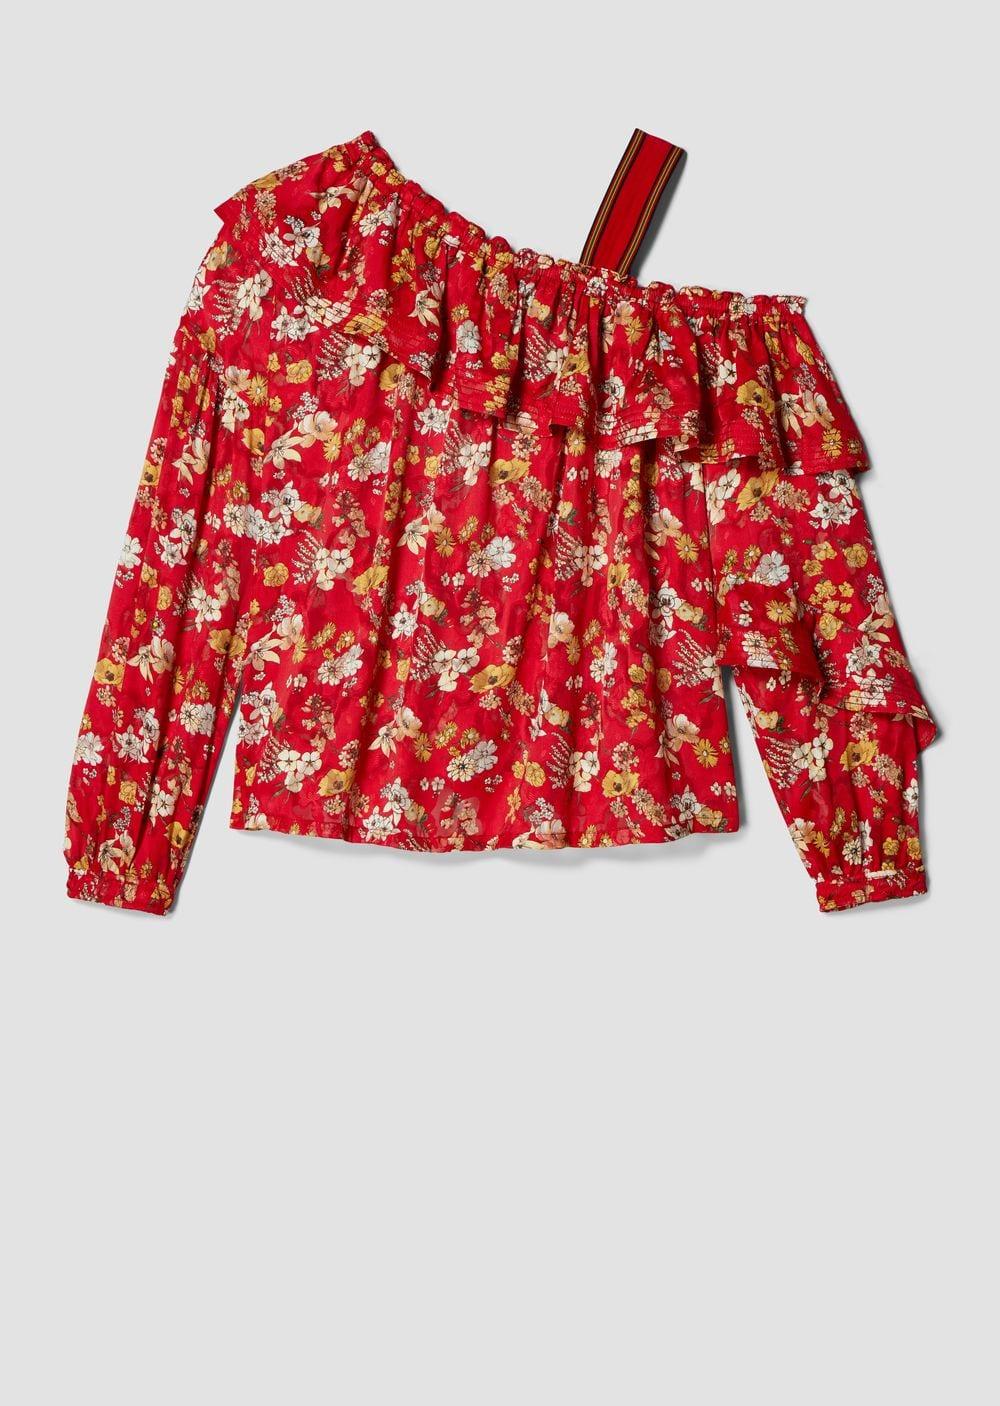 Derek Lam One-Shoulder Ruffle Bouquet Floral Print Silk-Blend Jacquard Blouse